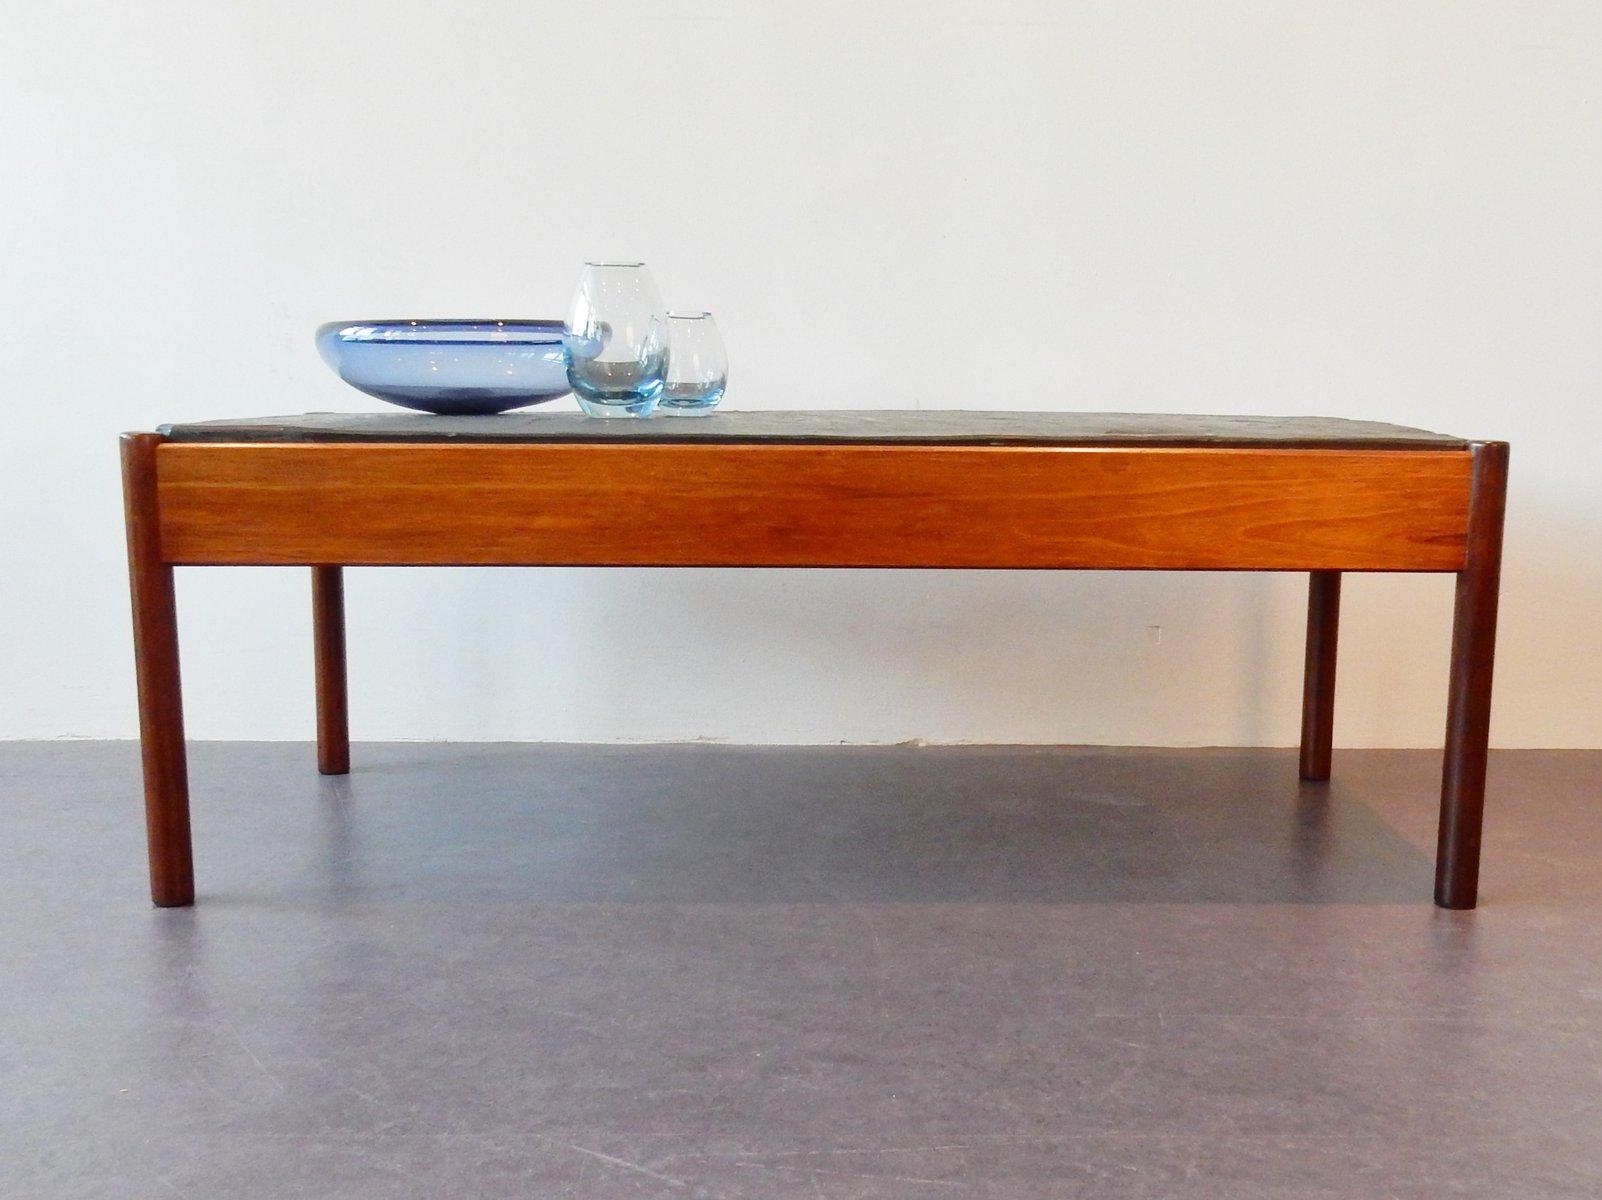 table basse vintage avec plateau en pierre en vente sur pamono. Black Bedroom Furniture Sets. Home Design Ideas